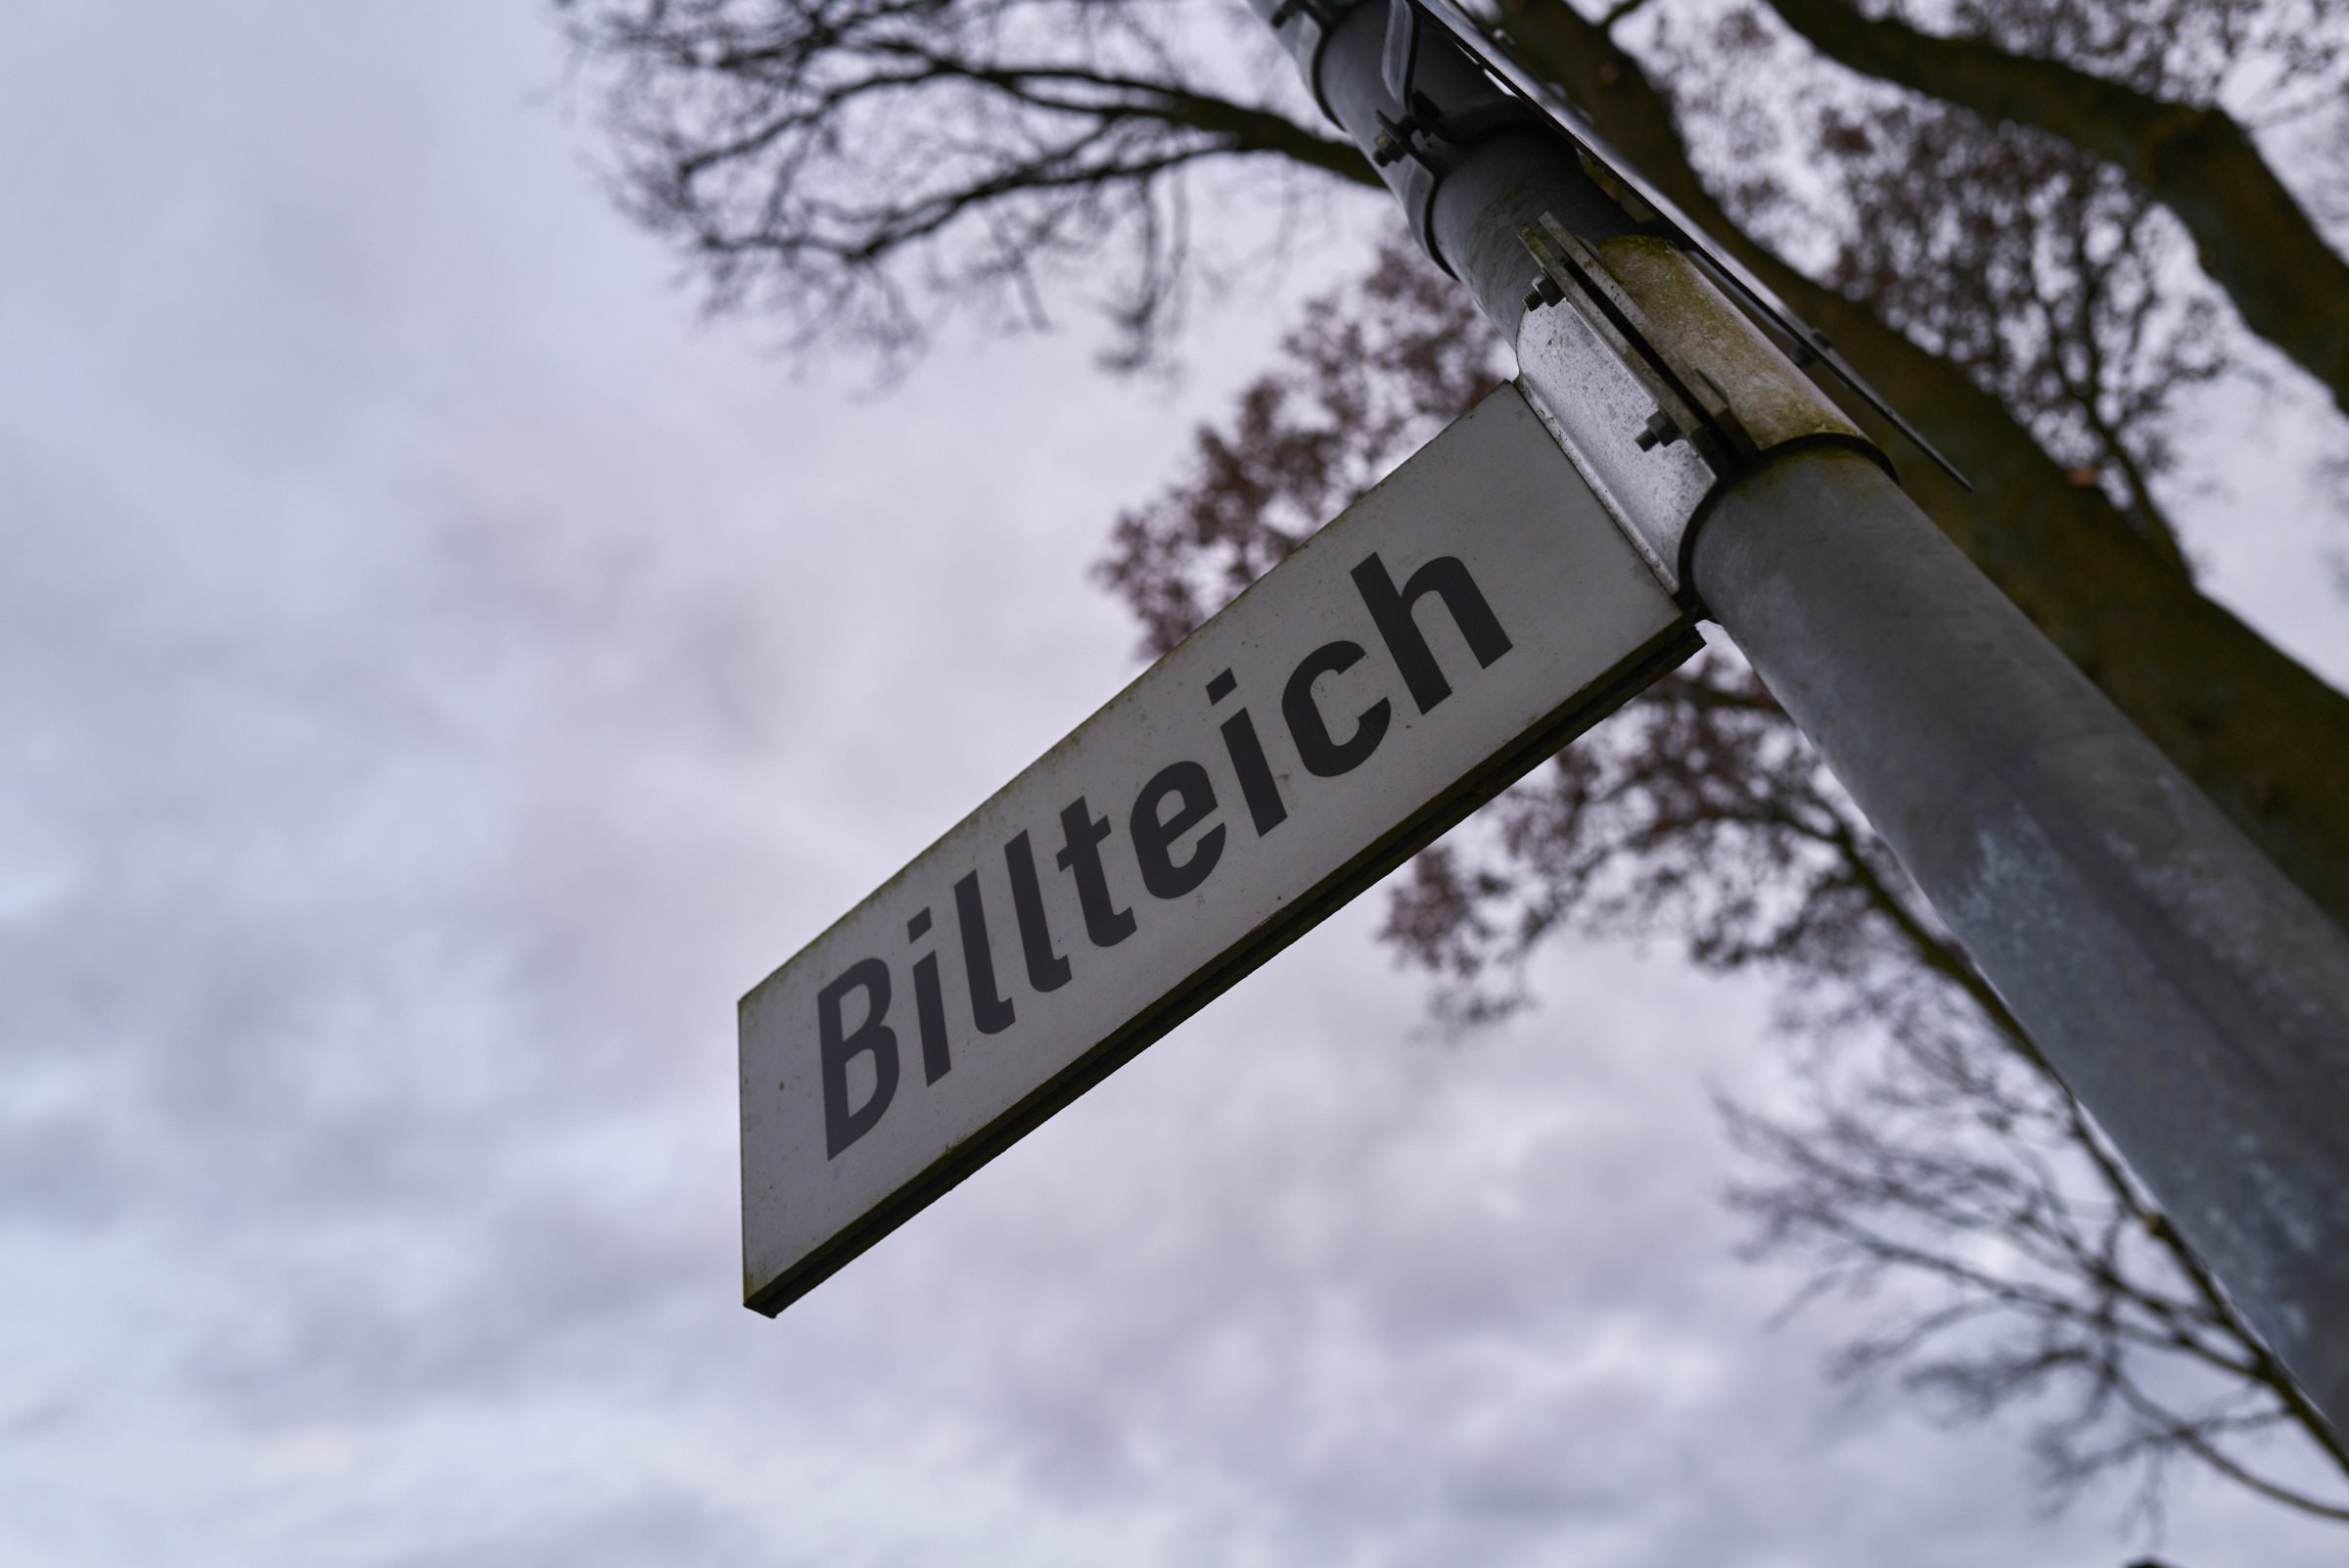 Billteich_2